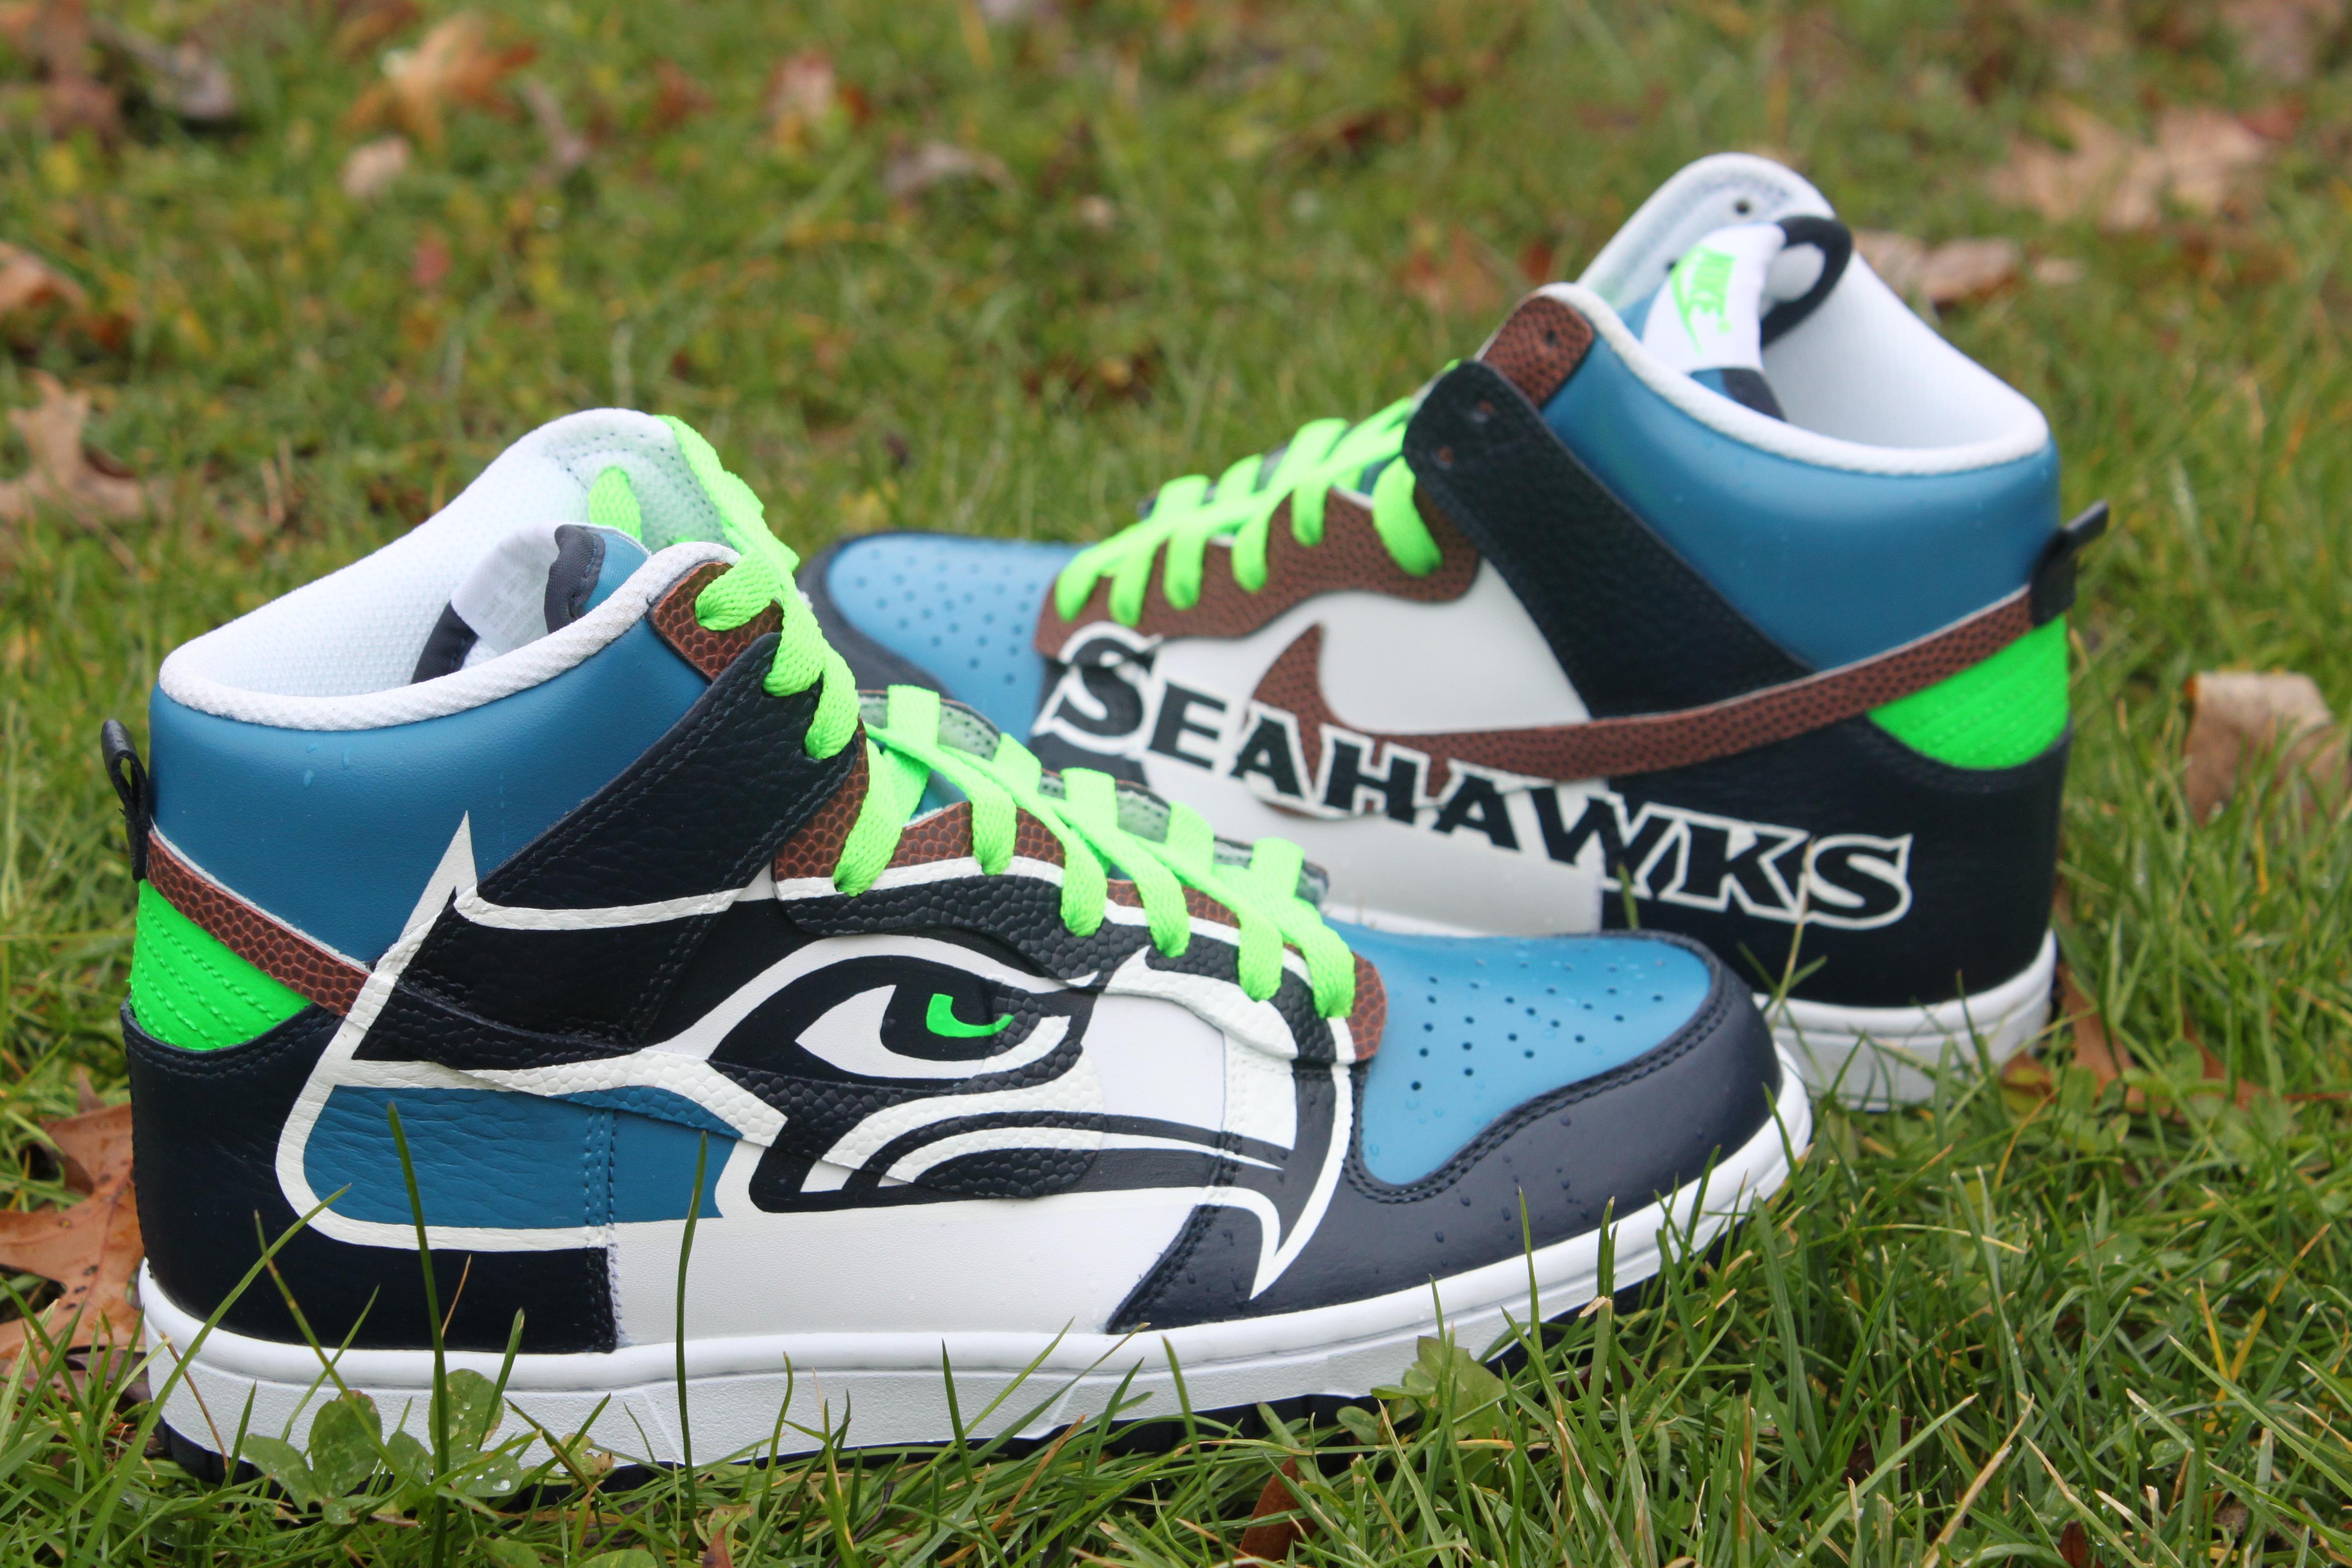 969a9a584fa The Seattle Seahawks Custom Dunks